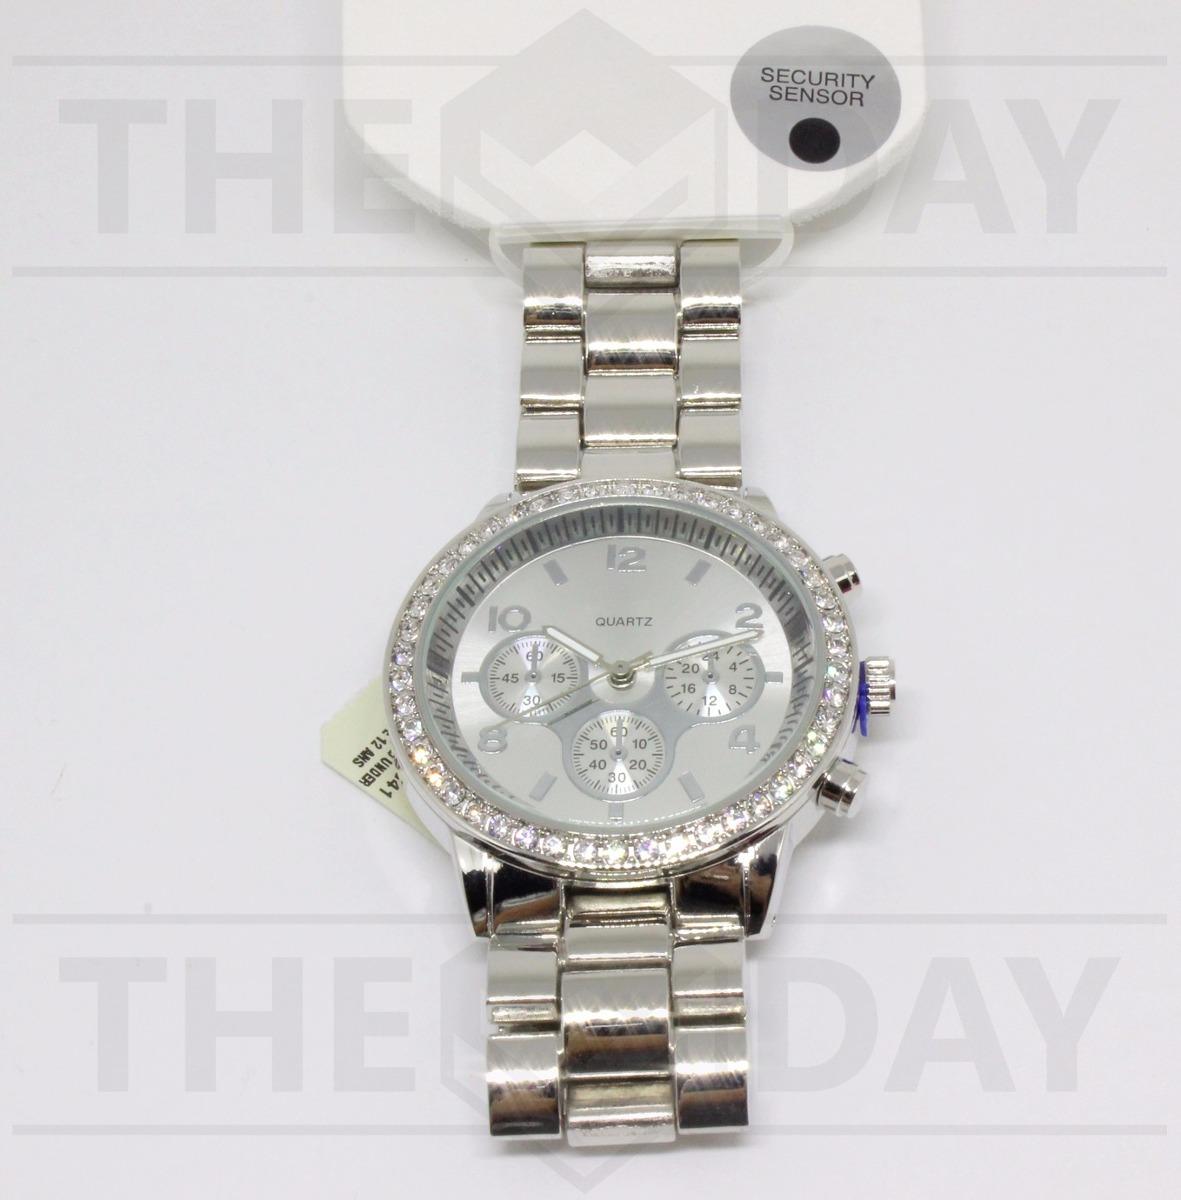 4941c0cfb57 relógio aeropostale feminino original importado prata strass. Carregando  zoom.